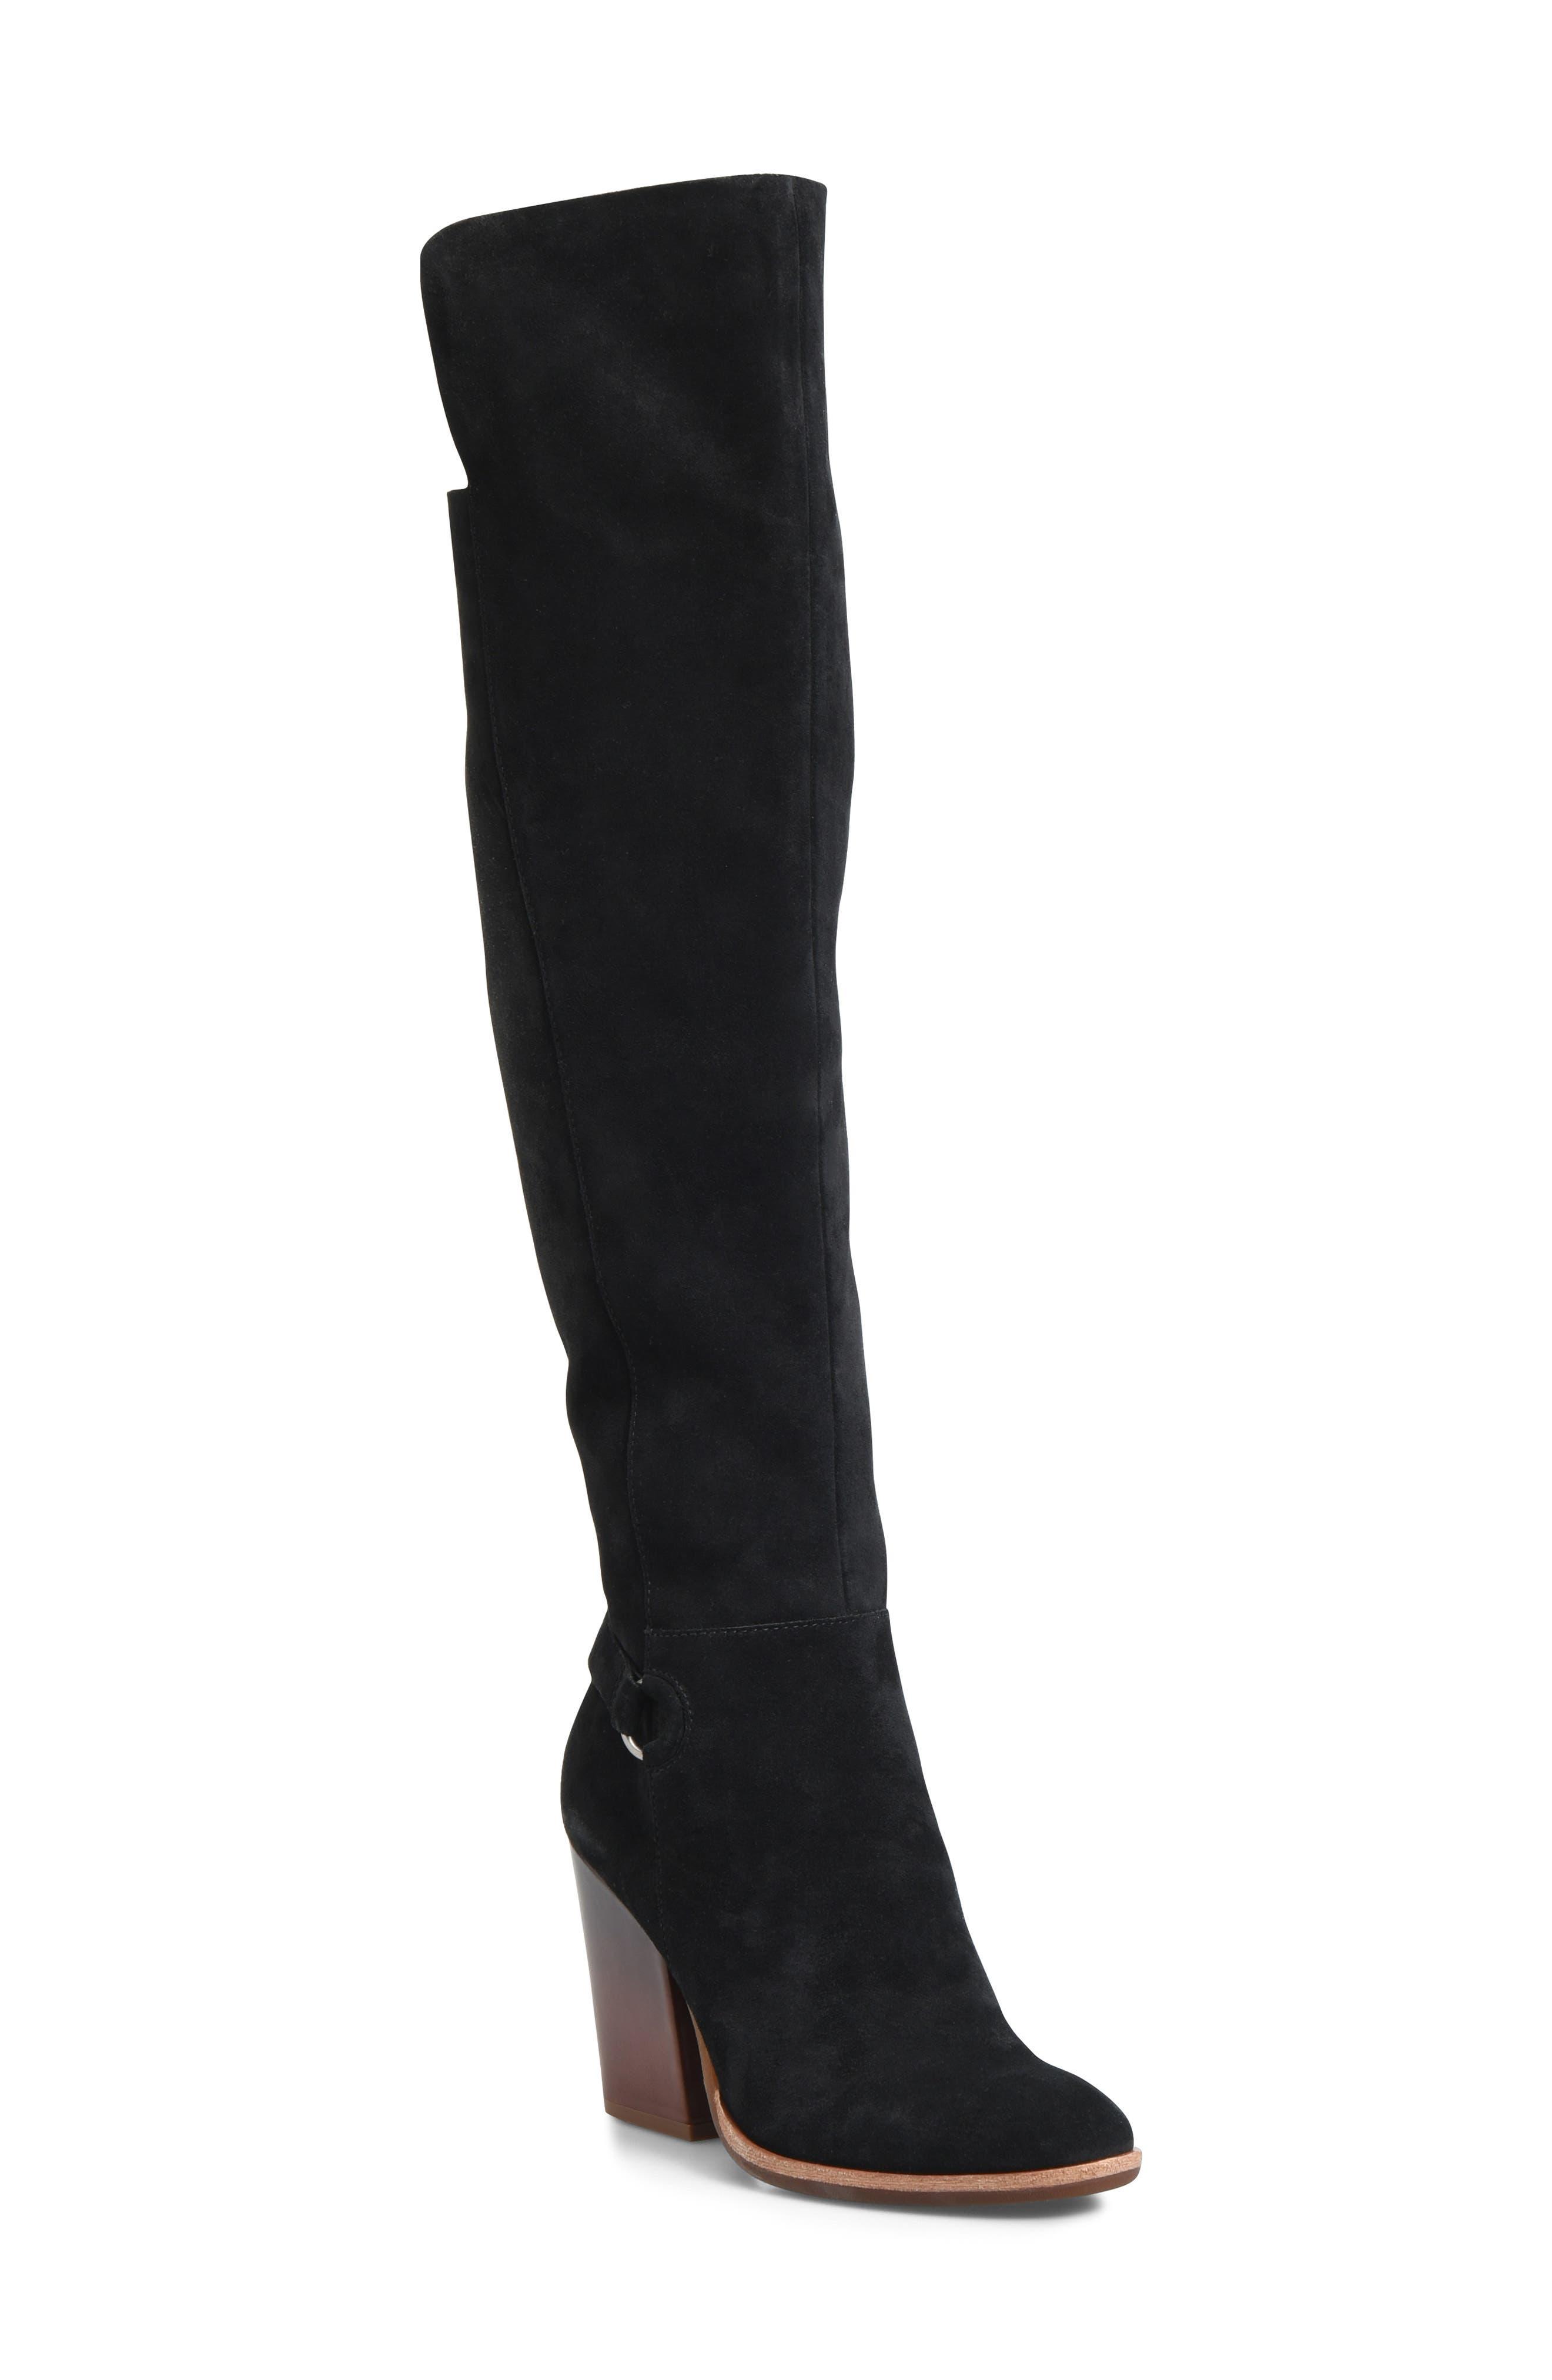 Kork-Ease Pavan Knee High Boot, Black